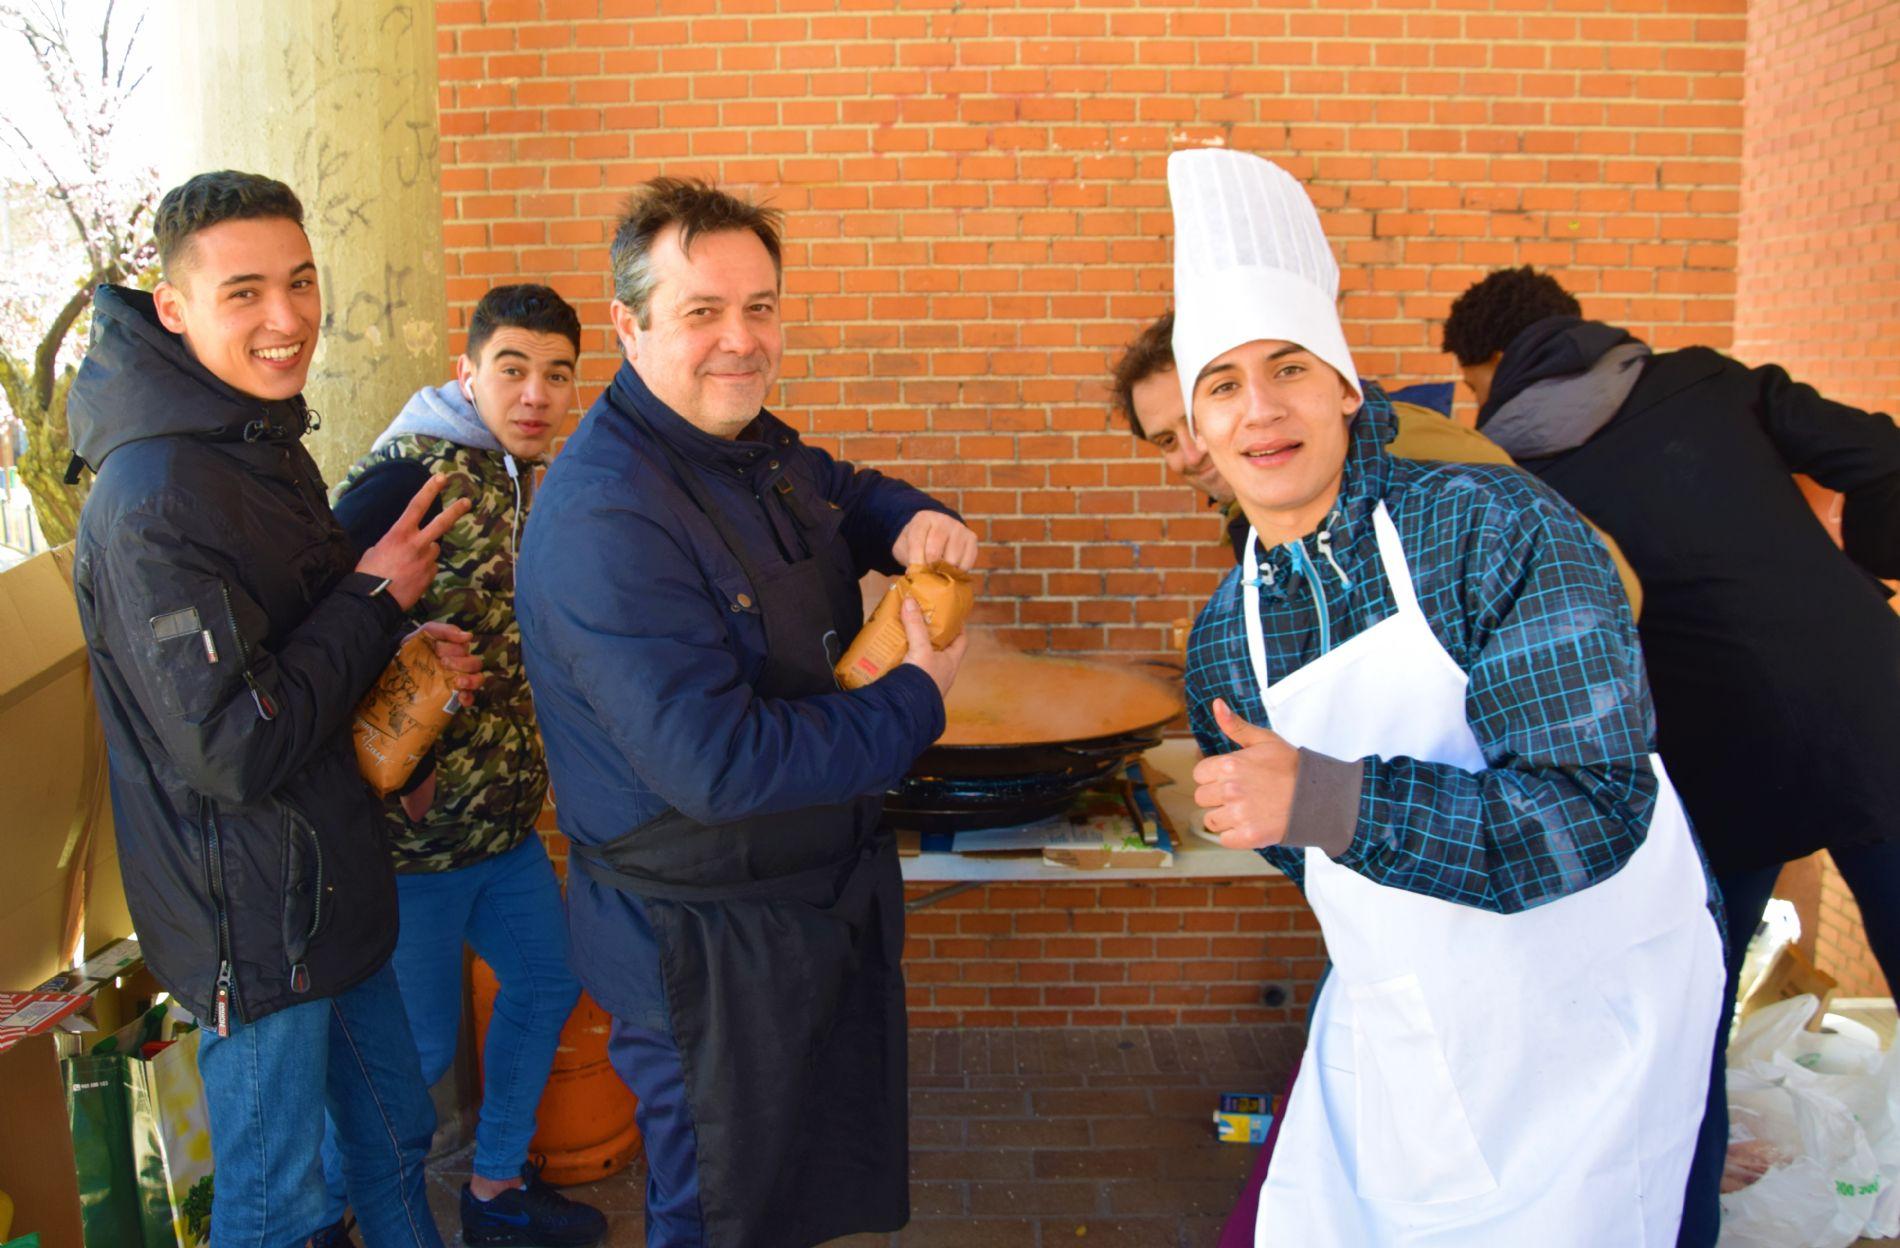 Los alumnos del curso de cocina junto con los del catering de CESAL